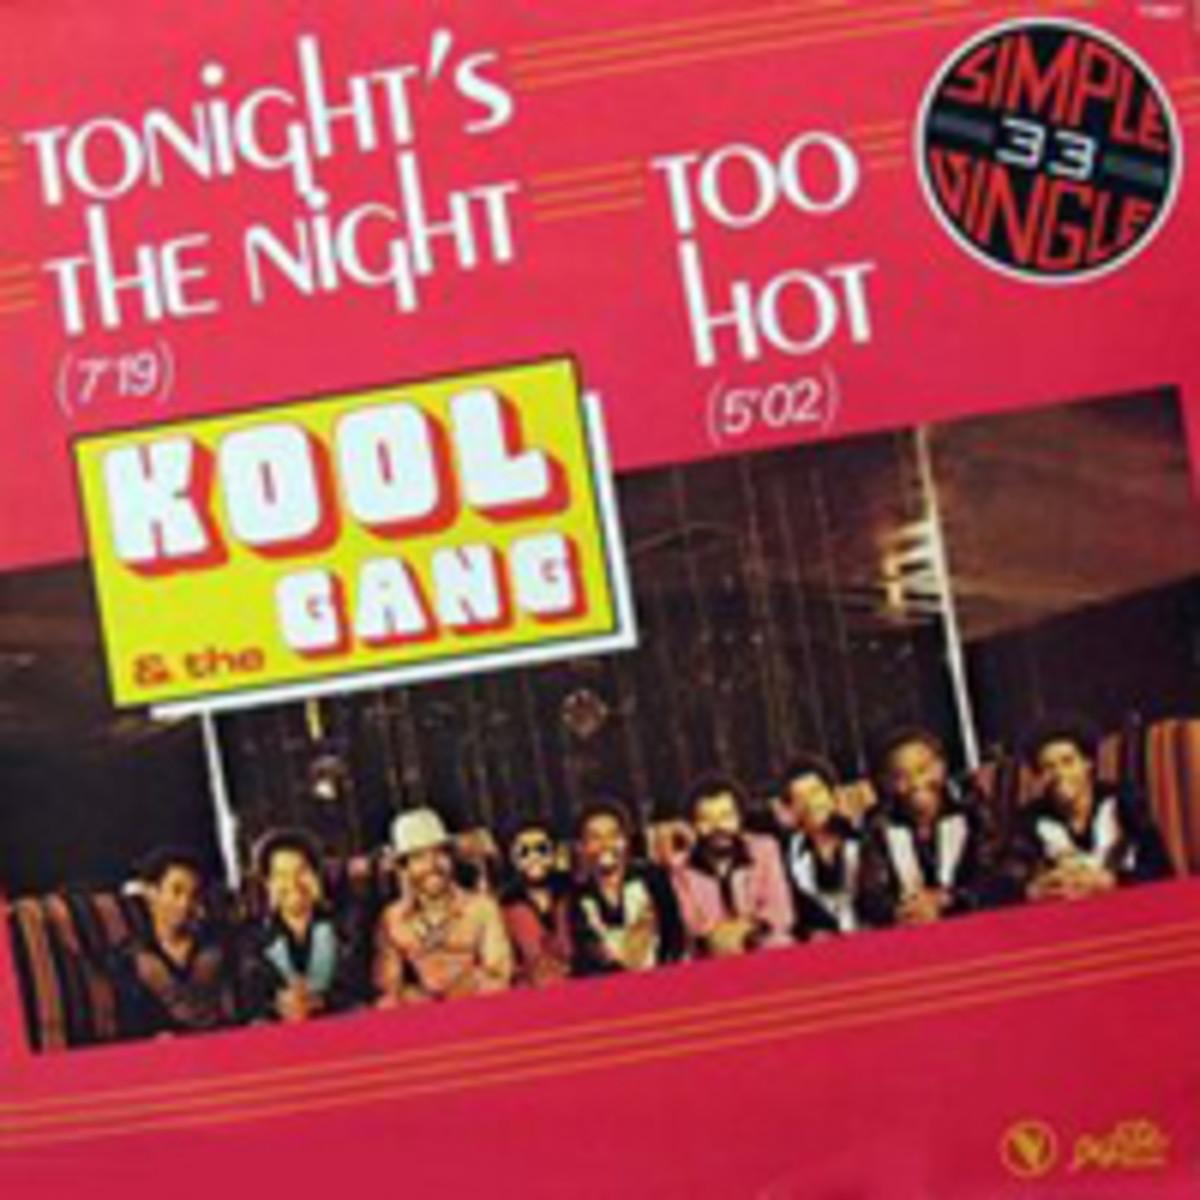 Kool-&-The-Gang